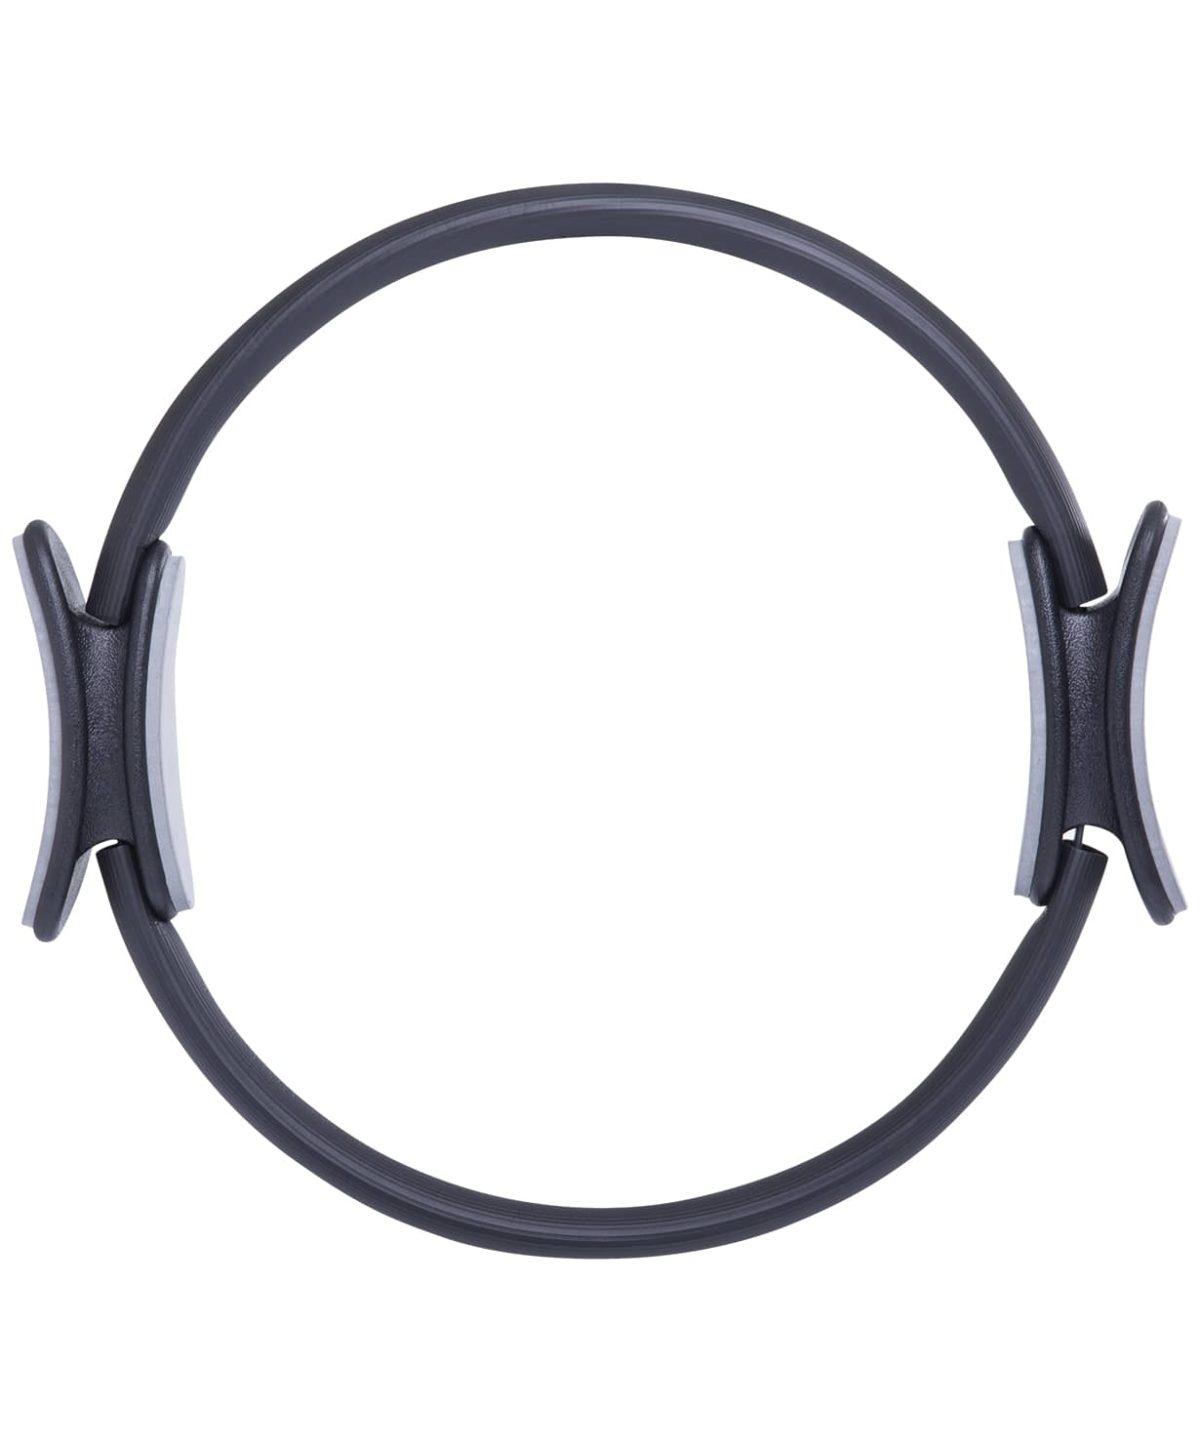 STARFIT Кольцо для пилатеса  FA-0402: чёрный - 2